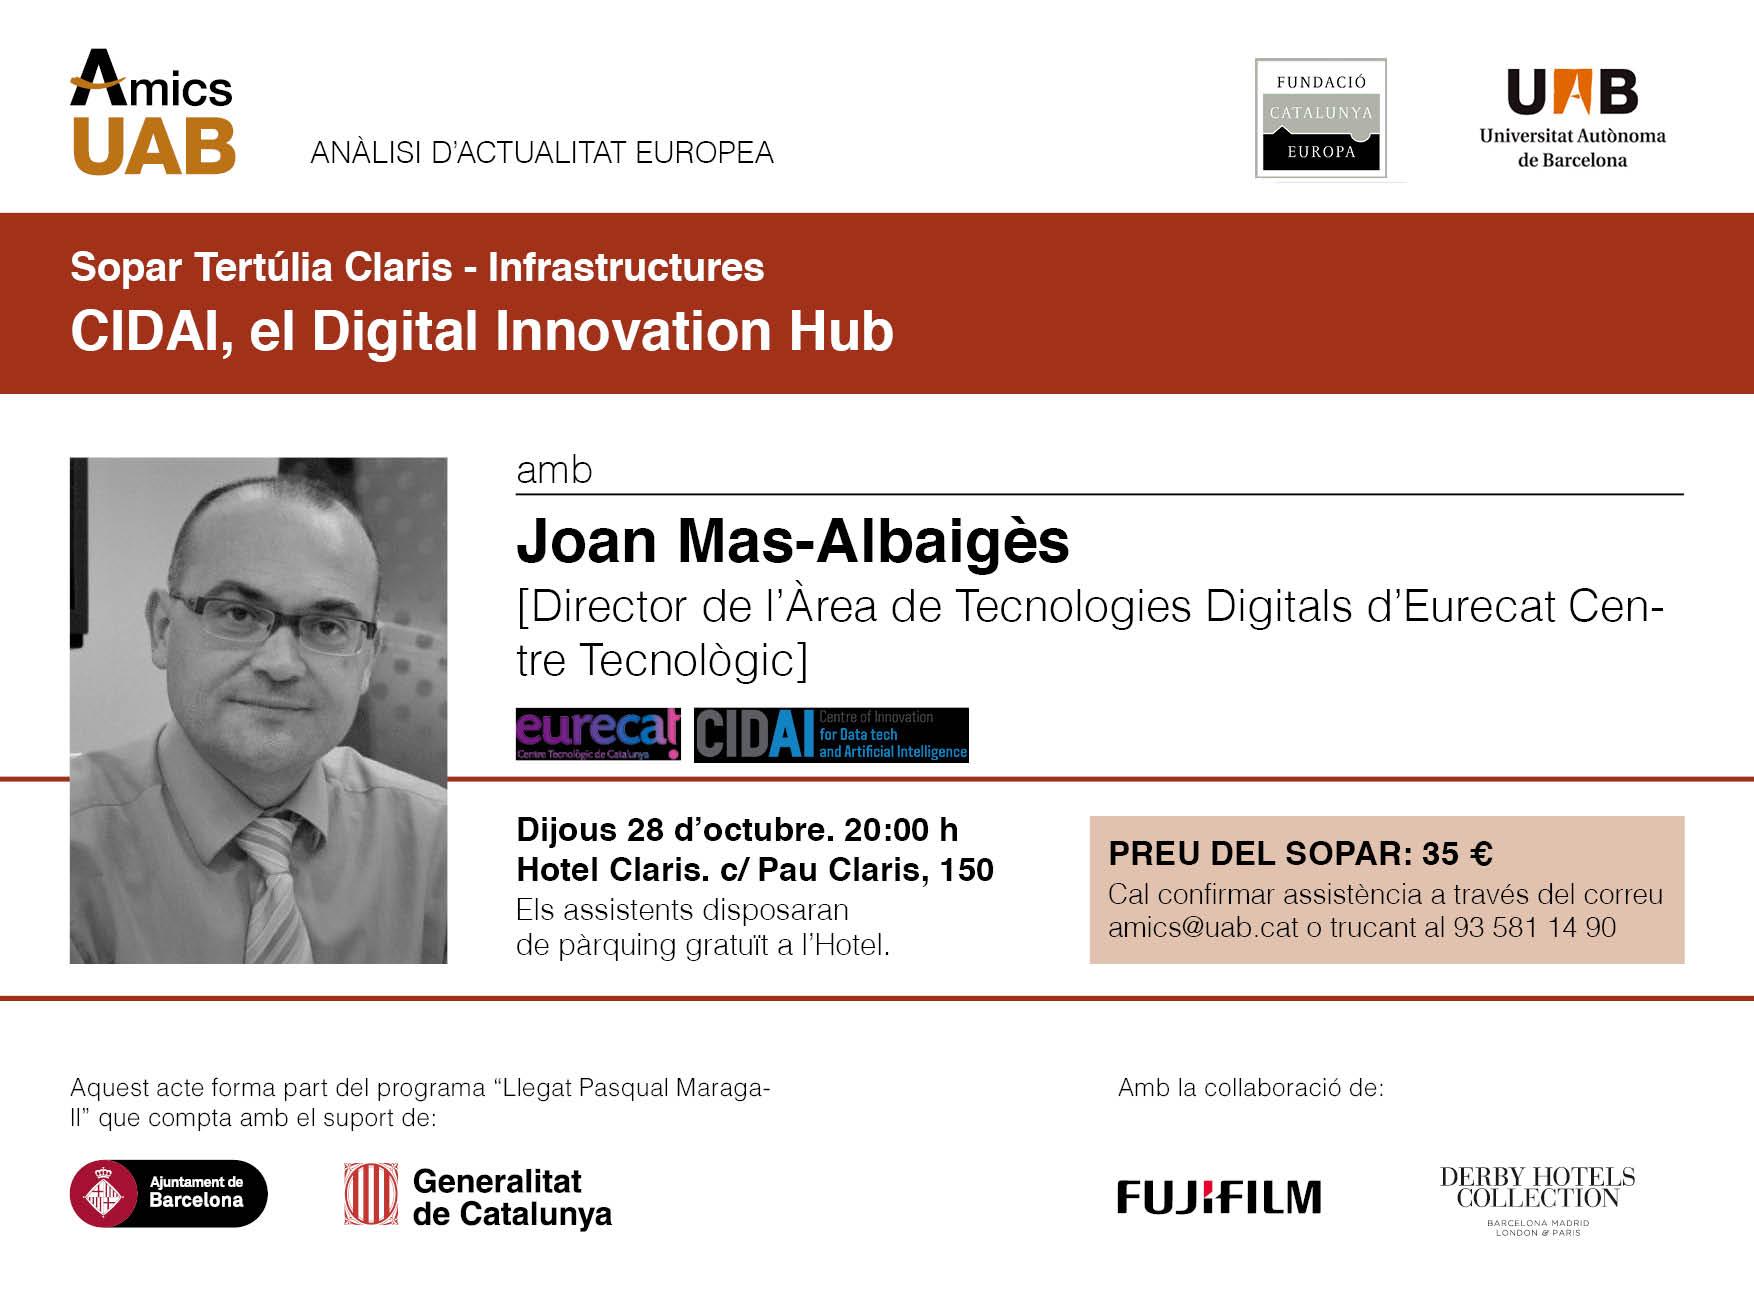 CIDAI, el Digital Innovation Hub